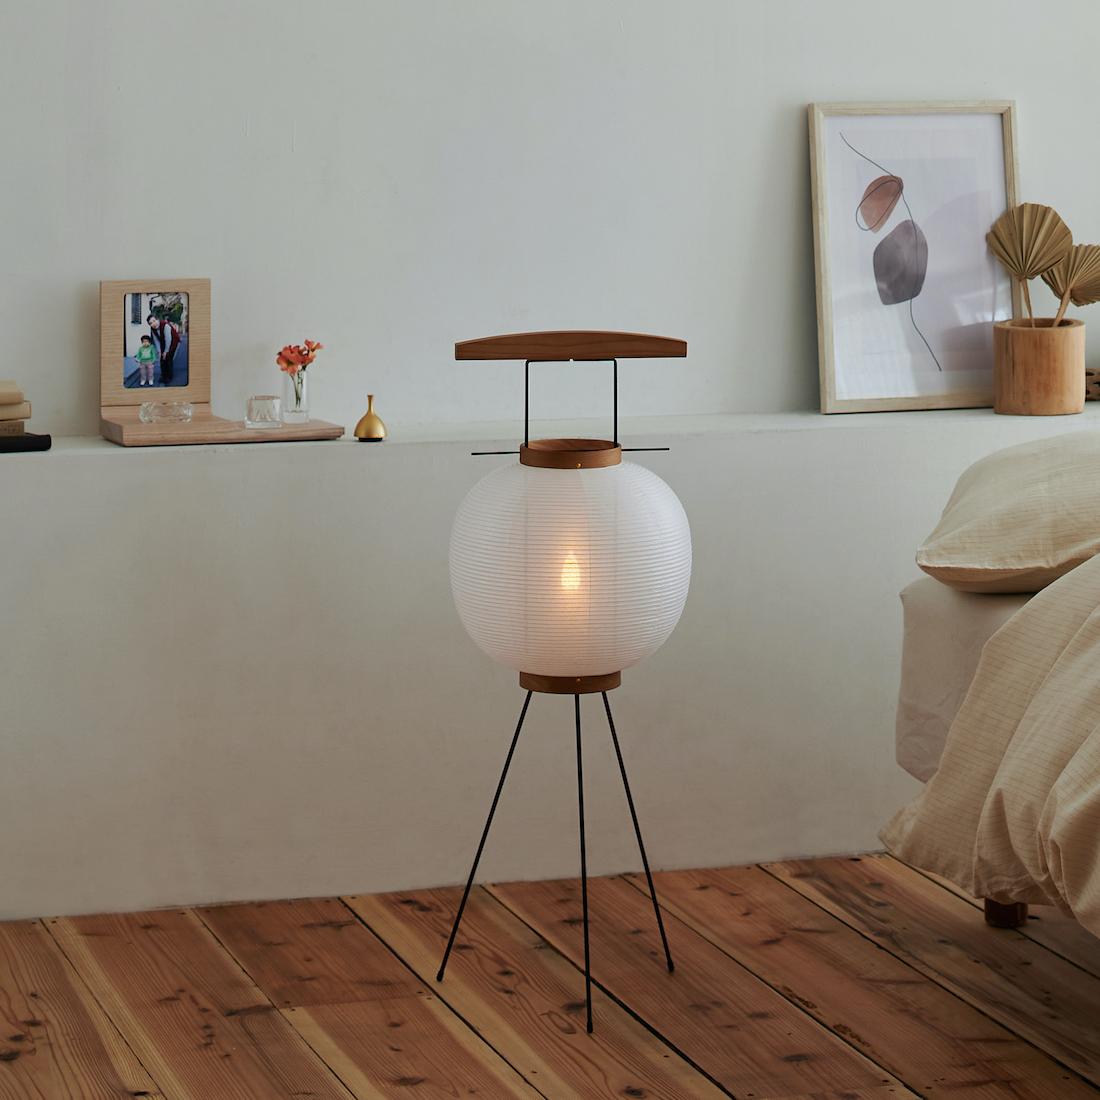 KAKEHASHI SERIESより新作盆提灯「AGASATO」発表